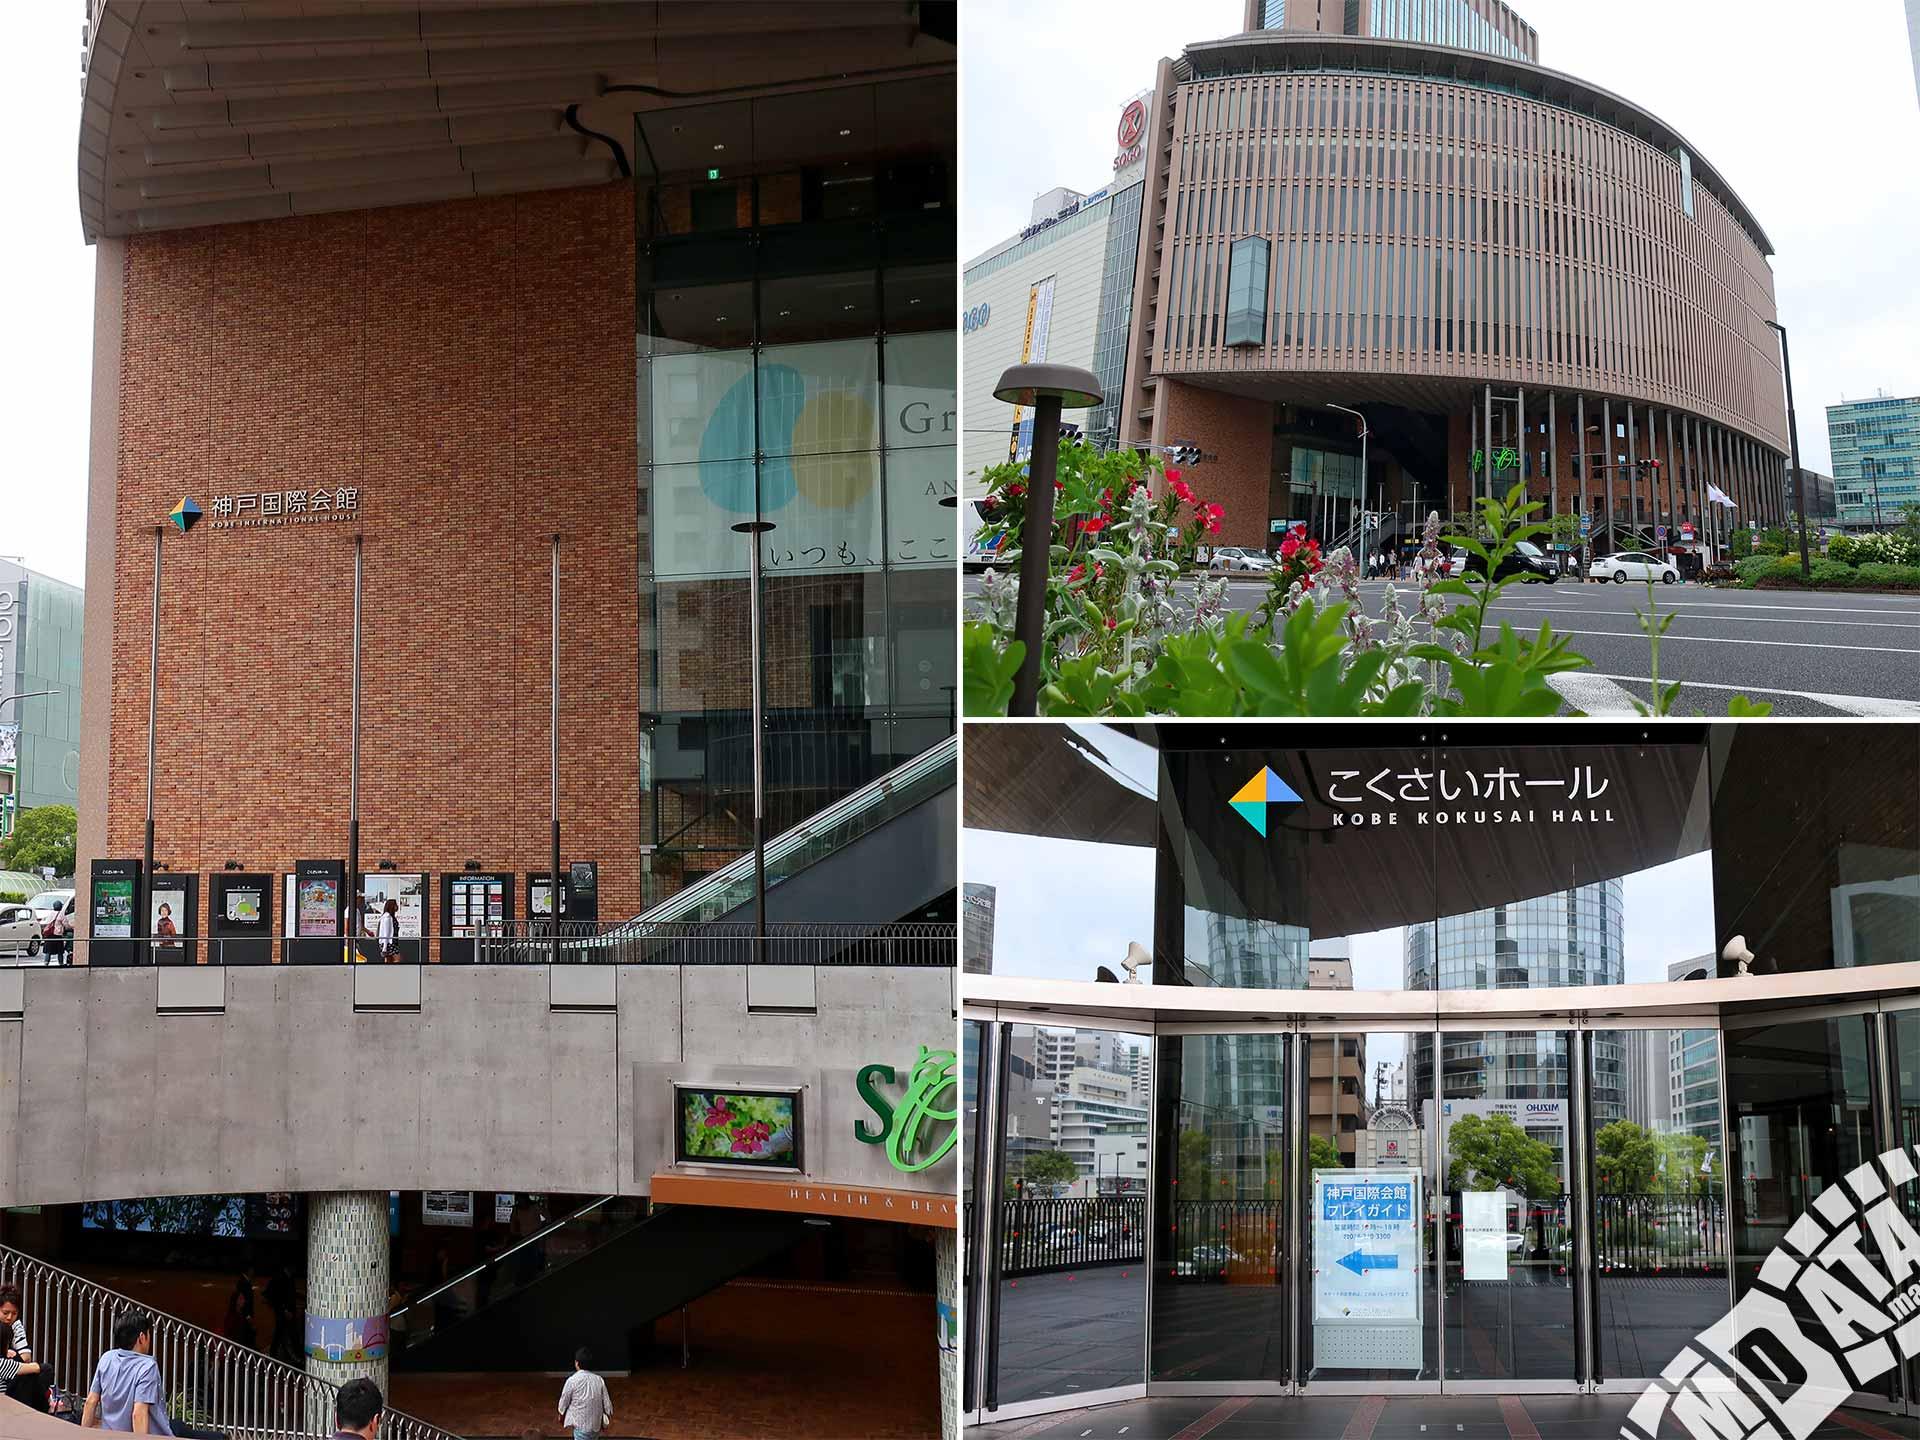 神戸 国際 会館 神戸国際会館 こくさいホールの会場情報(ライブ・コンサート、座席表、アクセス)